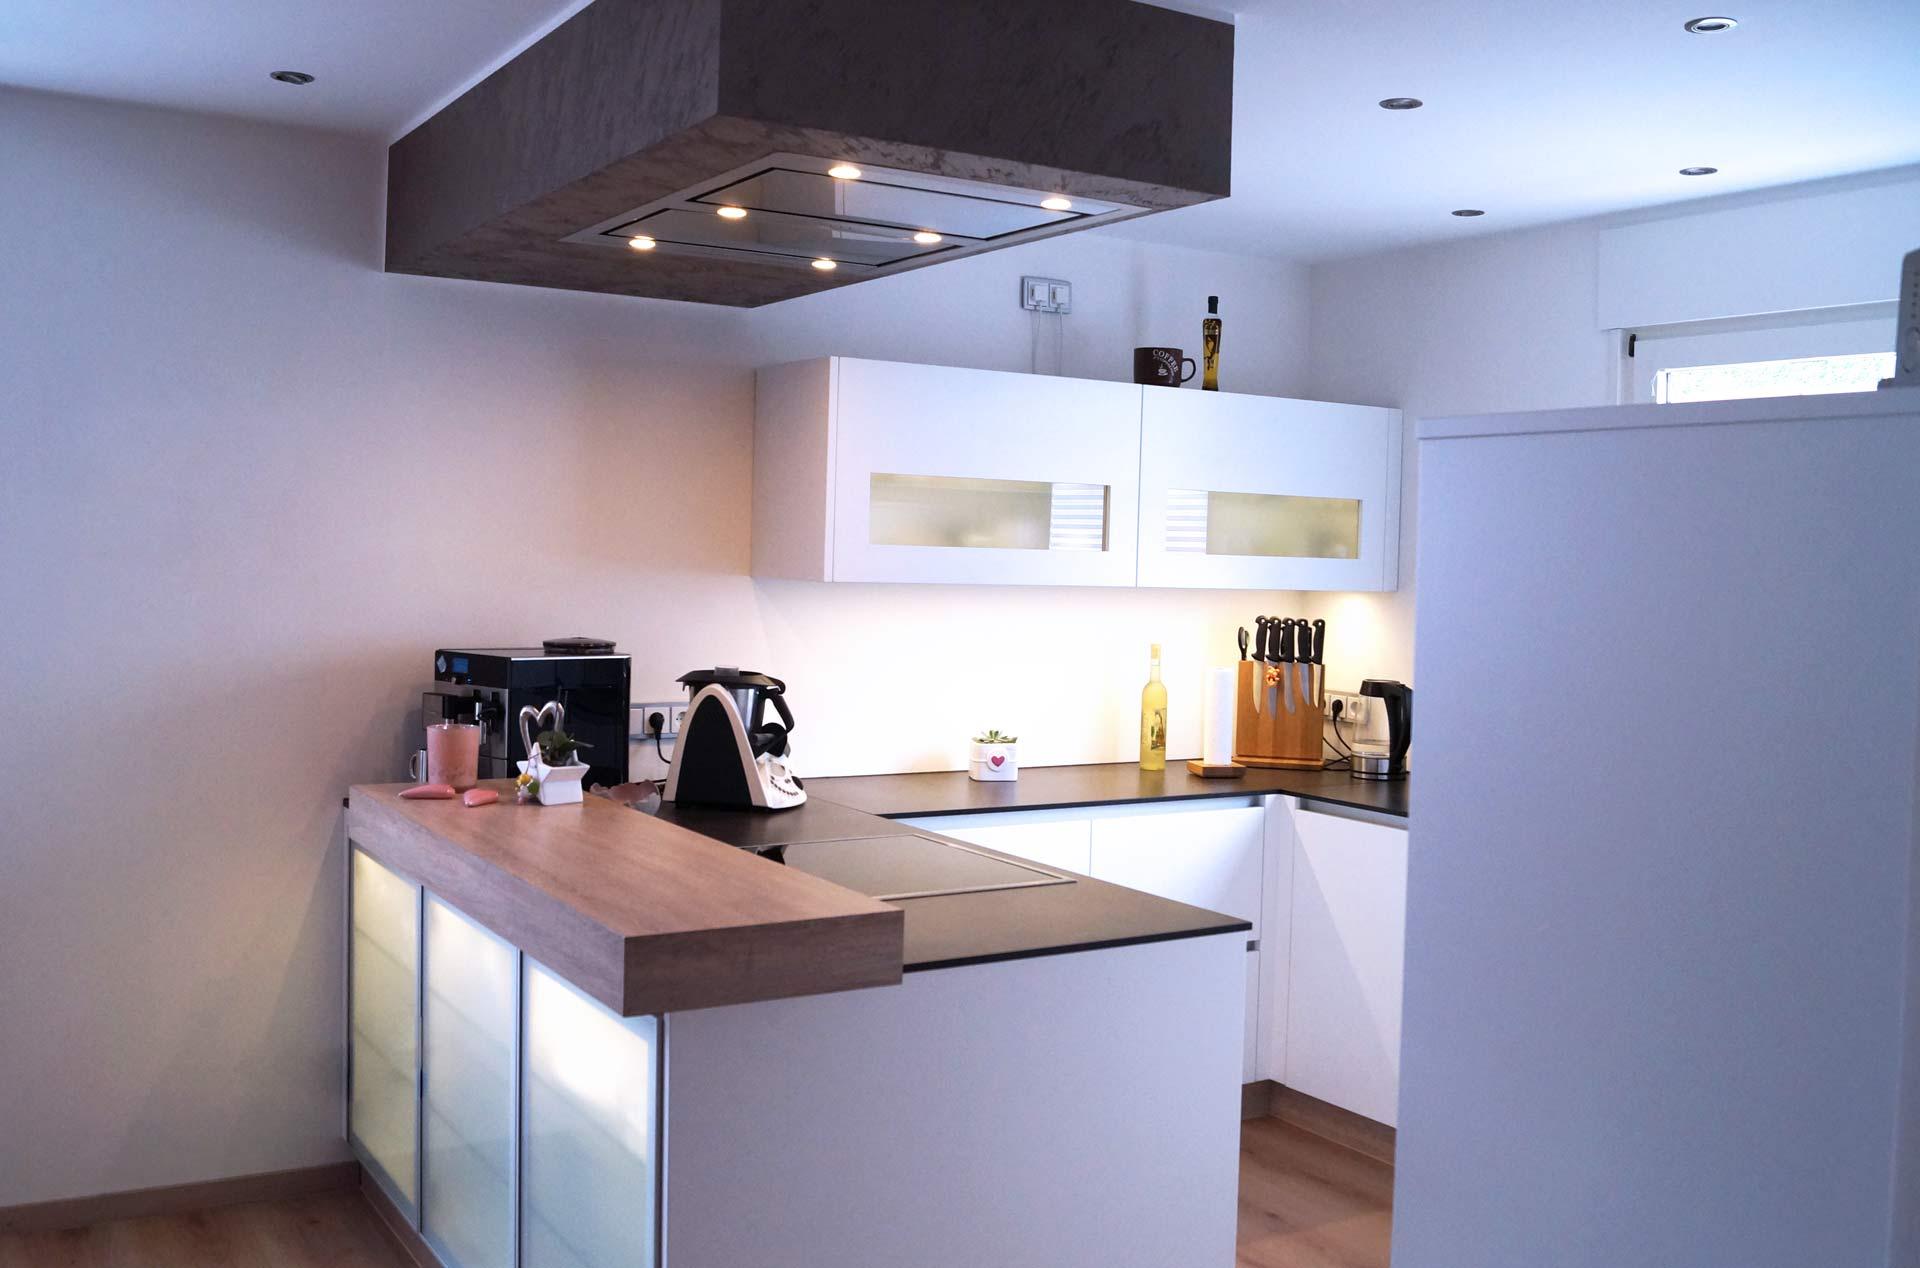 Betonoptik, Landhaus-Stil oder Industriecharme – individuelle Küchen erhalten Sie von der Möbelwerkstatt Scholz. Arbeitsplatten aus Massivholz, Natursteinelemente, handgefertigte Regalen und Küchenschränke runden wir mit funktionaler Technik und ansprechender Beleuchtung ab.